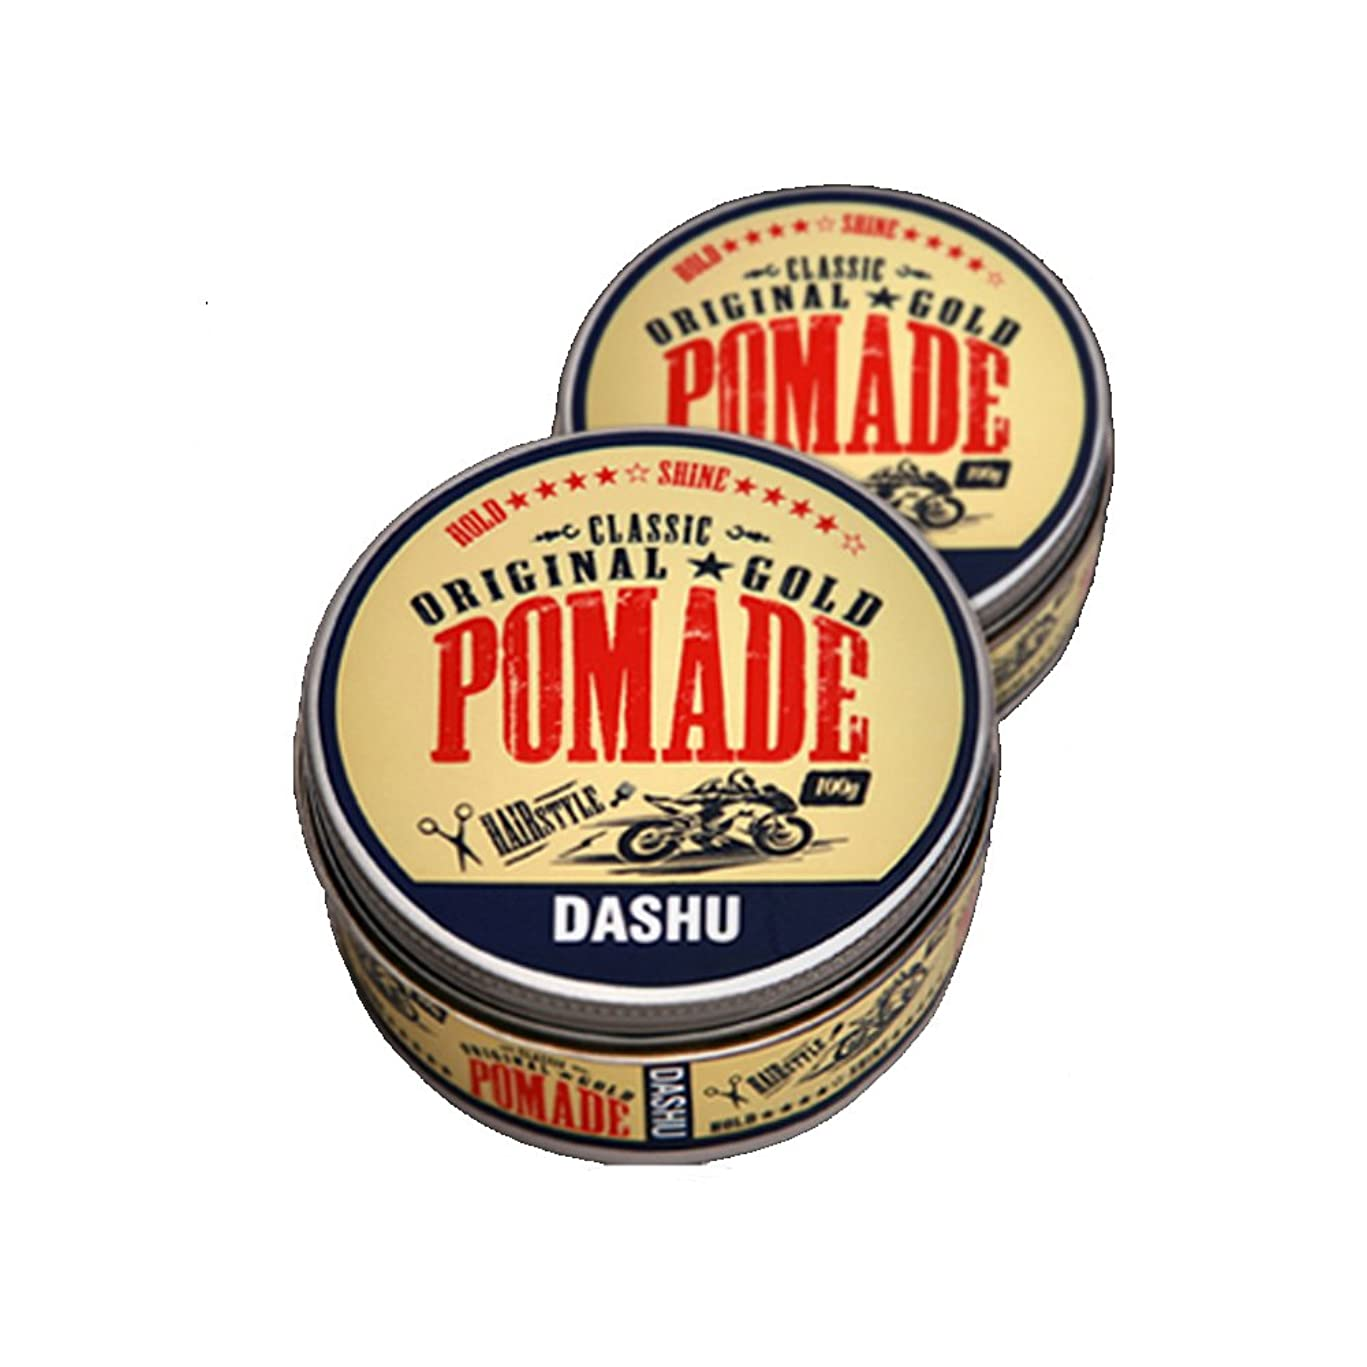 分割相関する公爵(2個セット) x [DASHU] ダシュ クラシックオリジナルゴールドポマードヘアワックス Classic Original Gold Pomade Hair Wax 100ml / 韓国製 . 韓国直送品